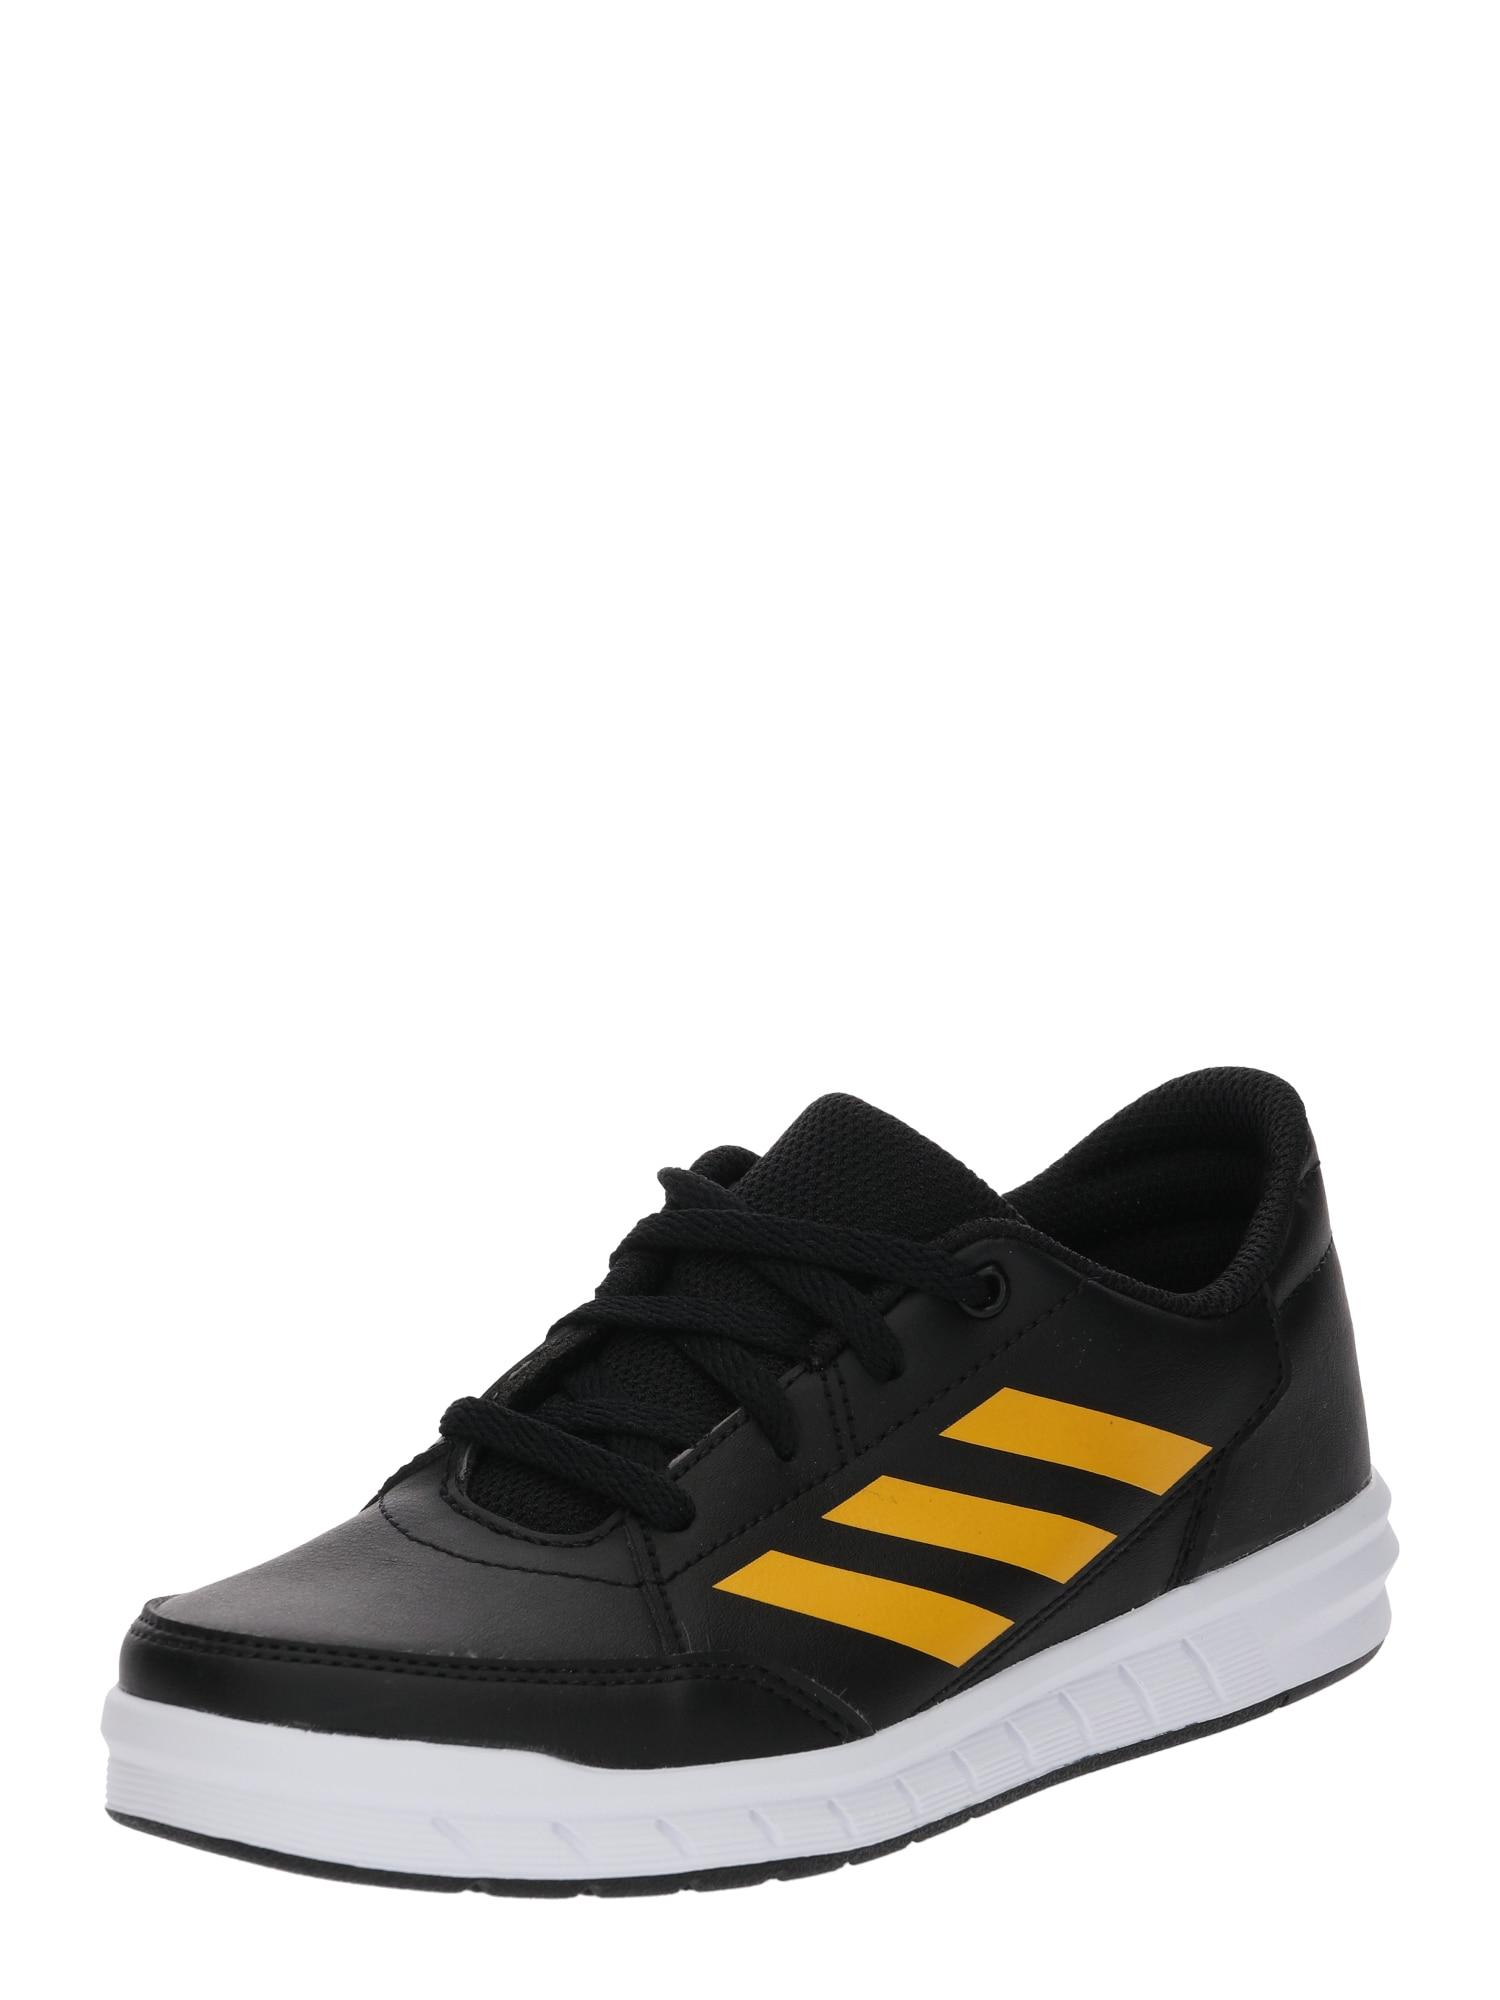 Sportovní boty AltaSport K černá ADIDAS PERFORMANCE